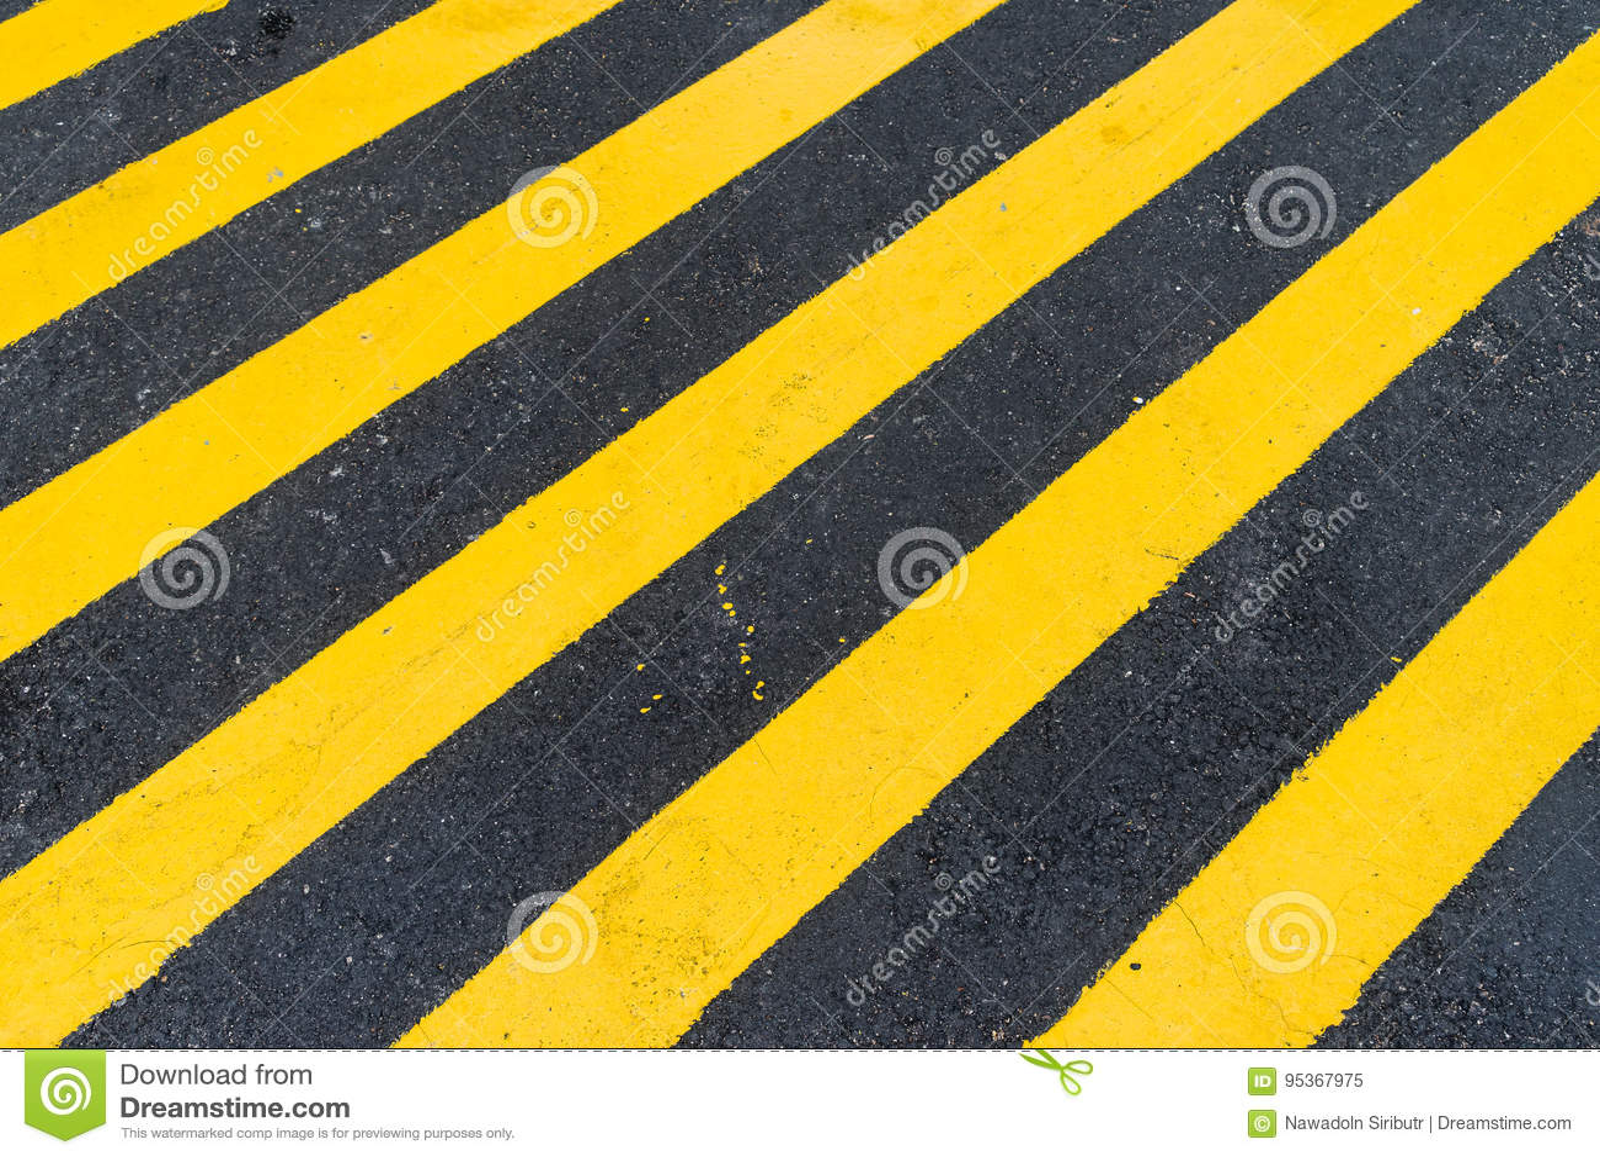 Asphalt Background con la raya amonestadora negra y amarilla diagonal